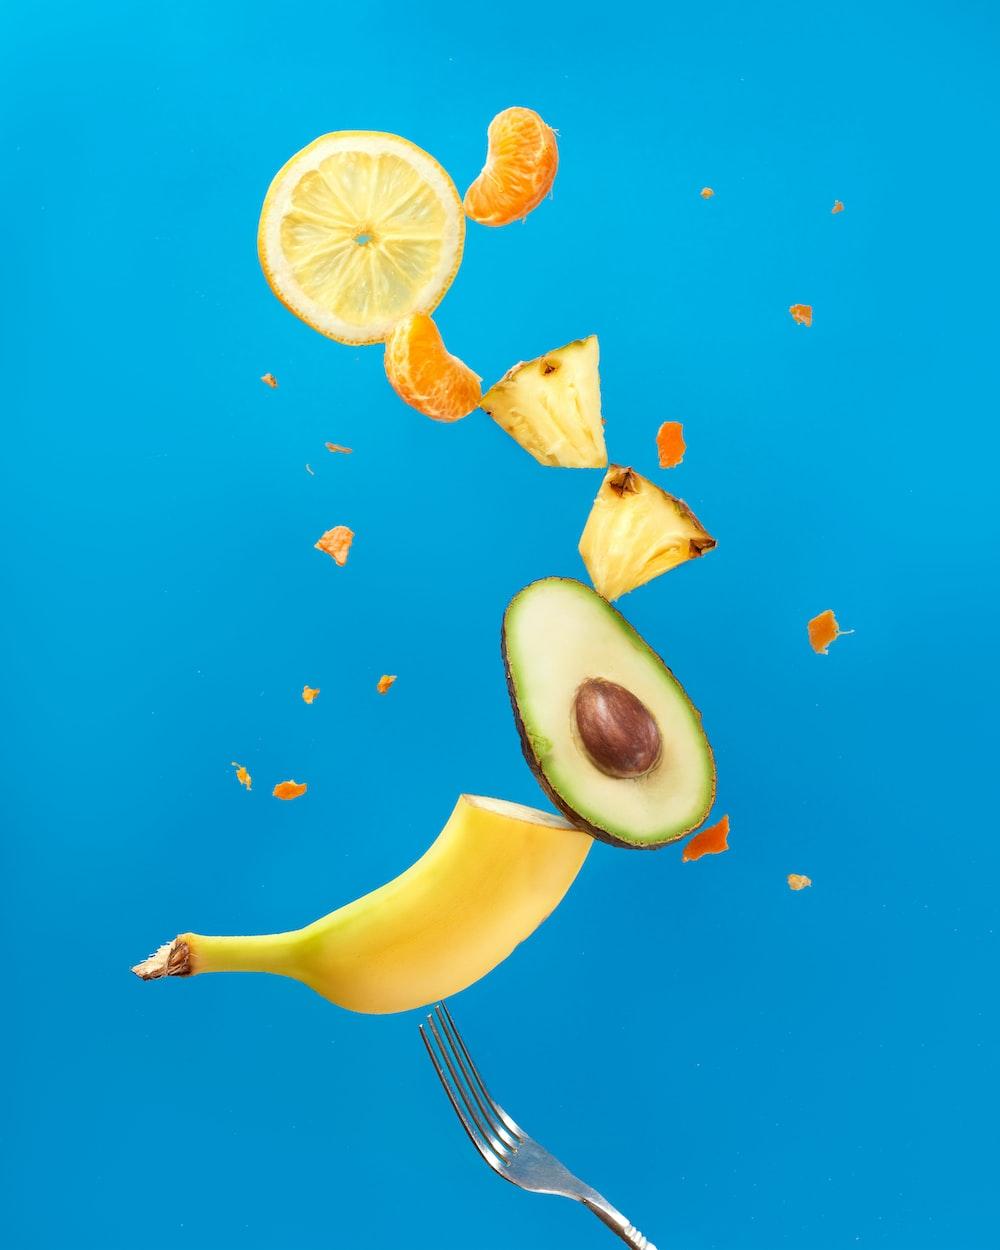 sliced lemon fruit on blue surface